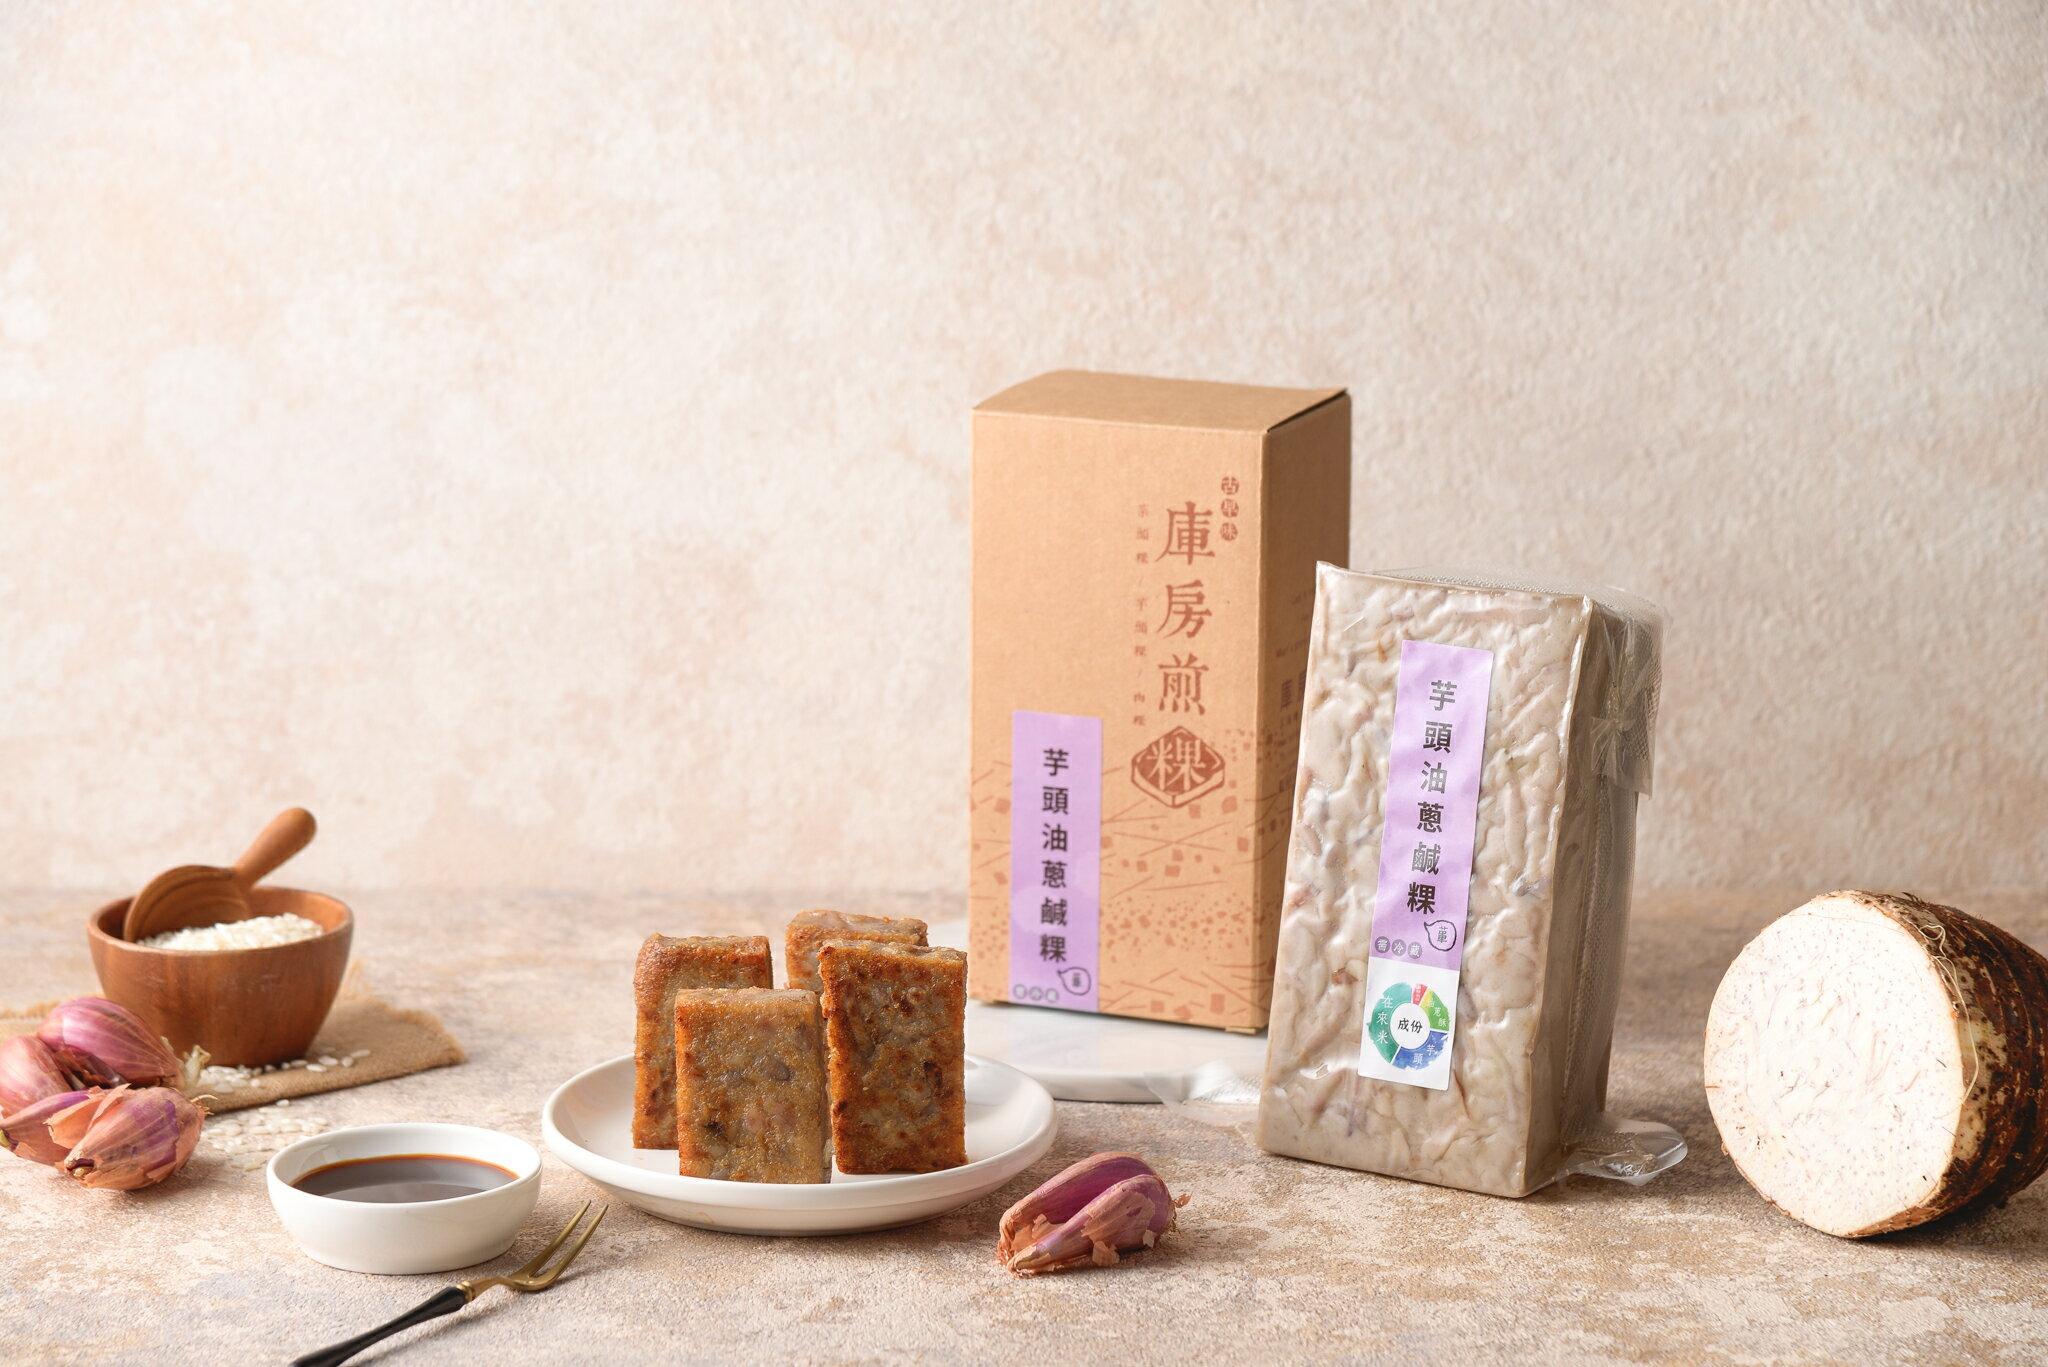 【芋頭油蔥鹹粿(葷) 1000g5%/條】台中|芋頭糕|鹹粿|在來米蘿蔔糕|宅配美食|年節禮盒|純在來米漿|不加粉